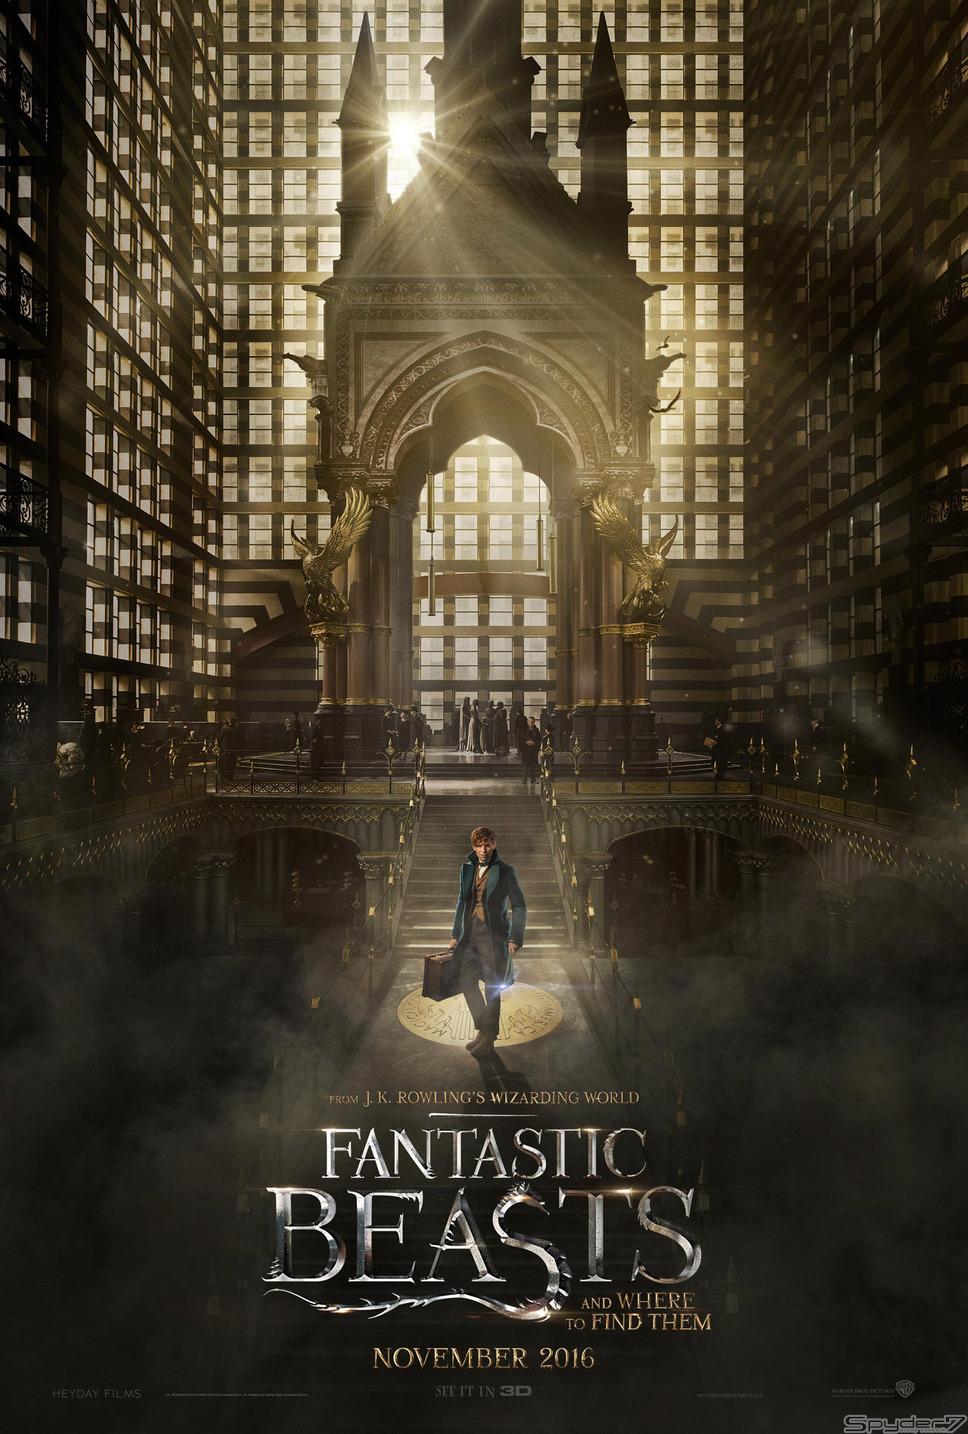 ファンタスティック ビーストと魔法使いの旅